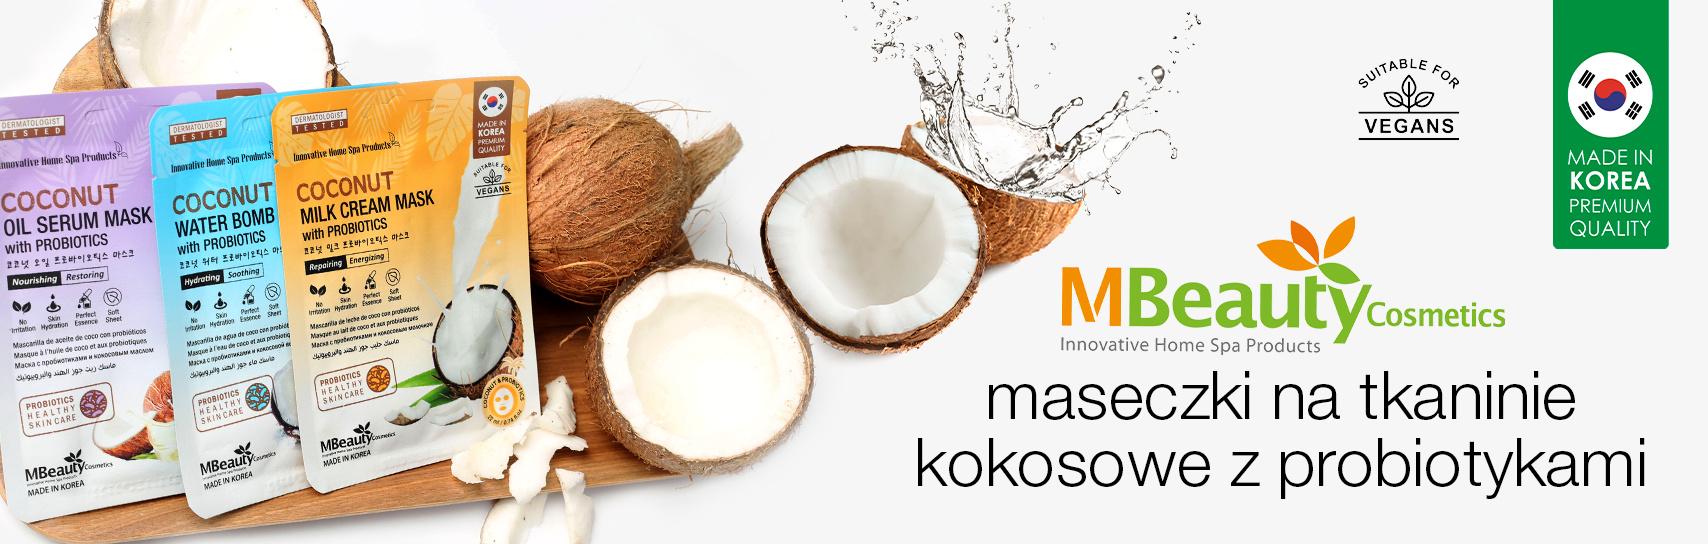 [MBeauty - maseczki kokosowe - produkty]